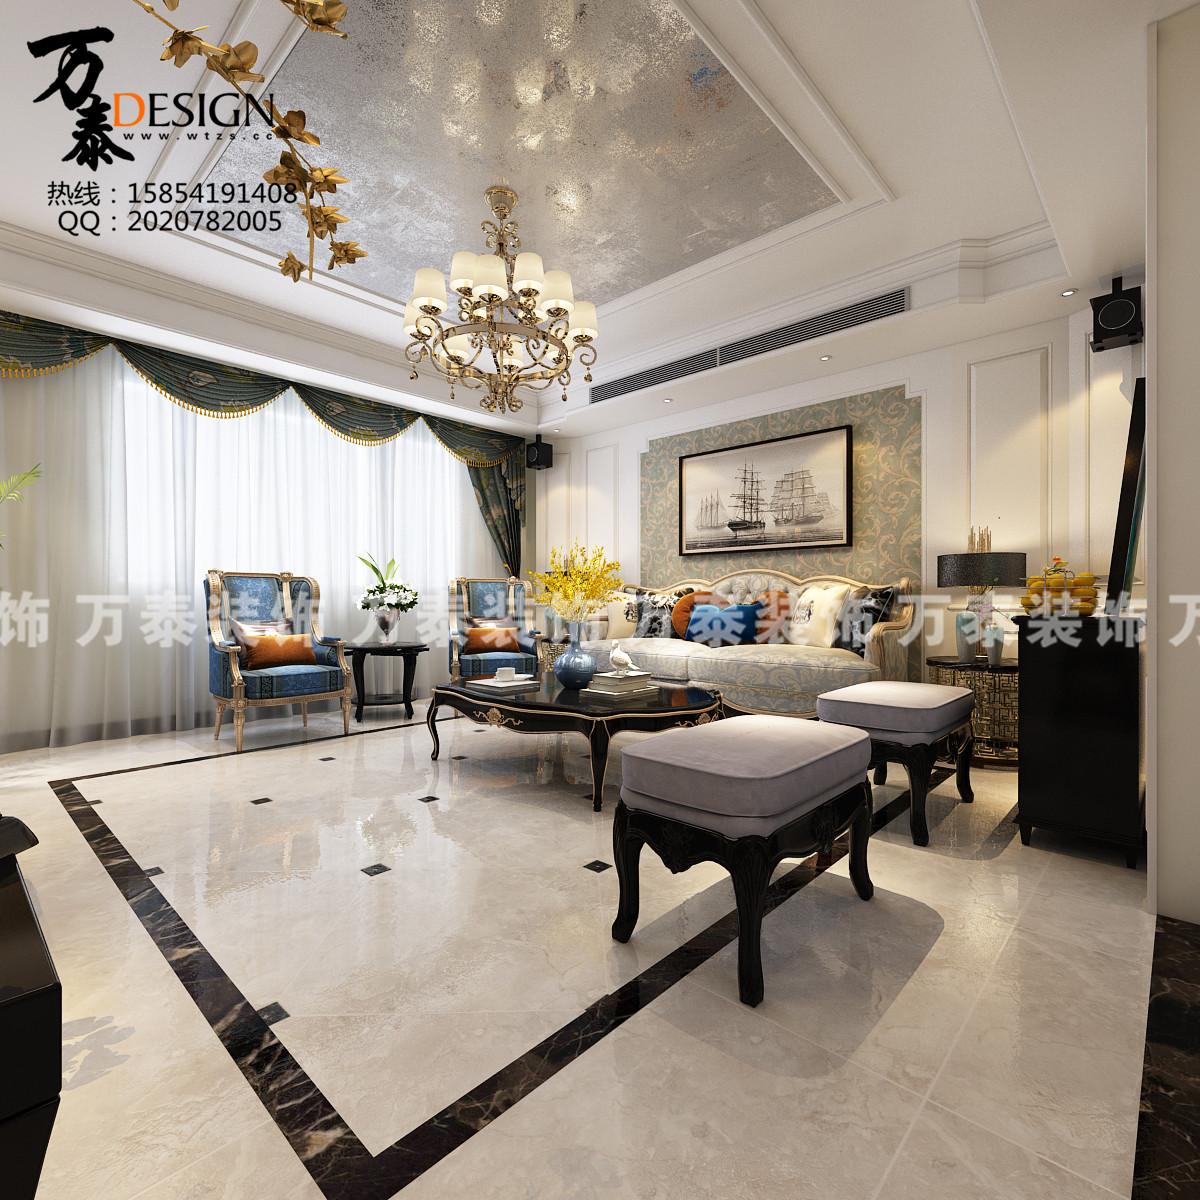 万泰装修图片来自济南万泰装修设计总部在中新国际城欧式风格装修案例的分享